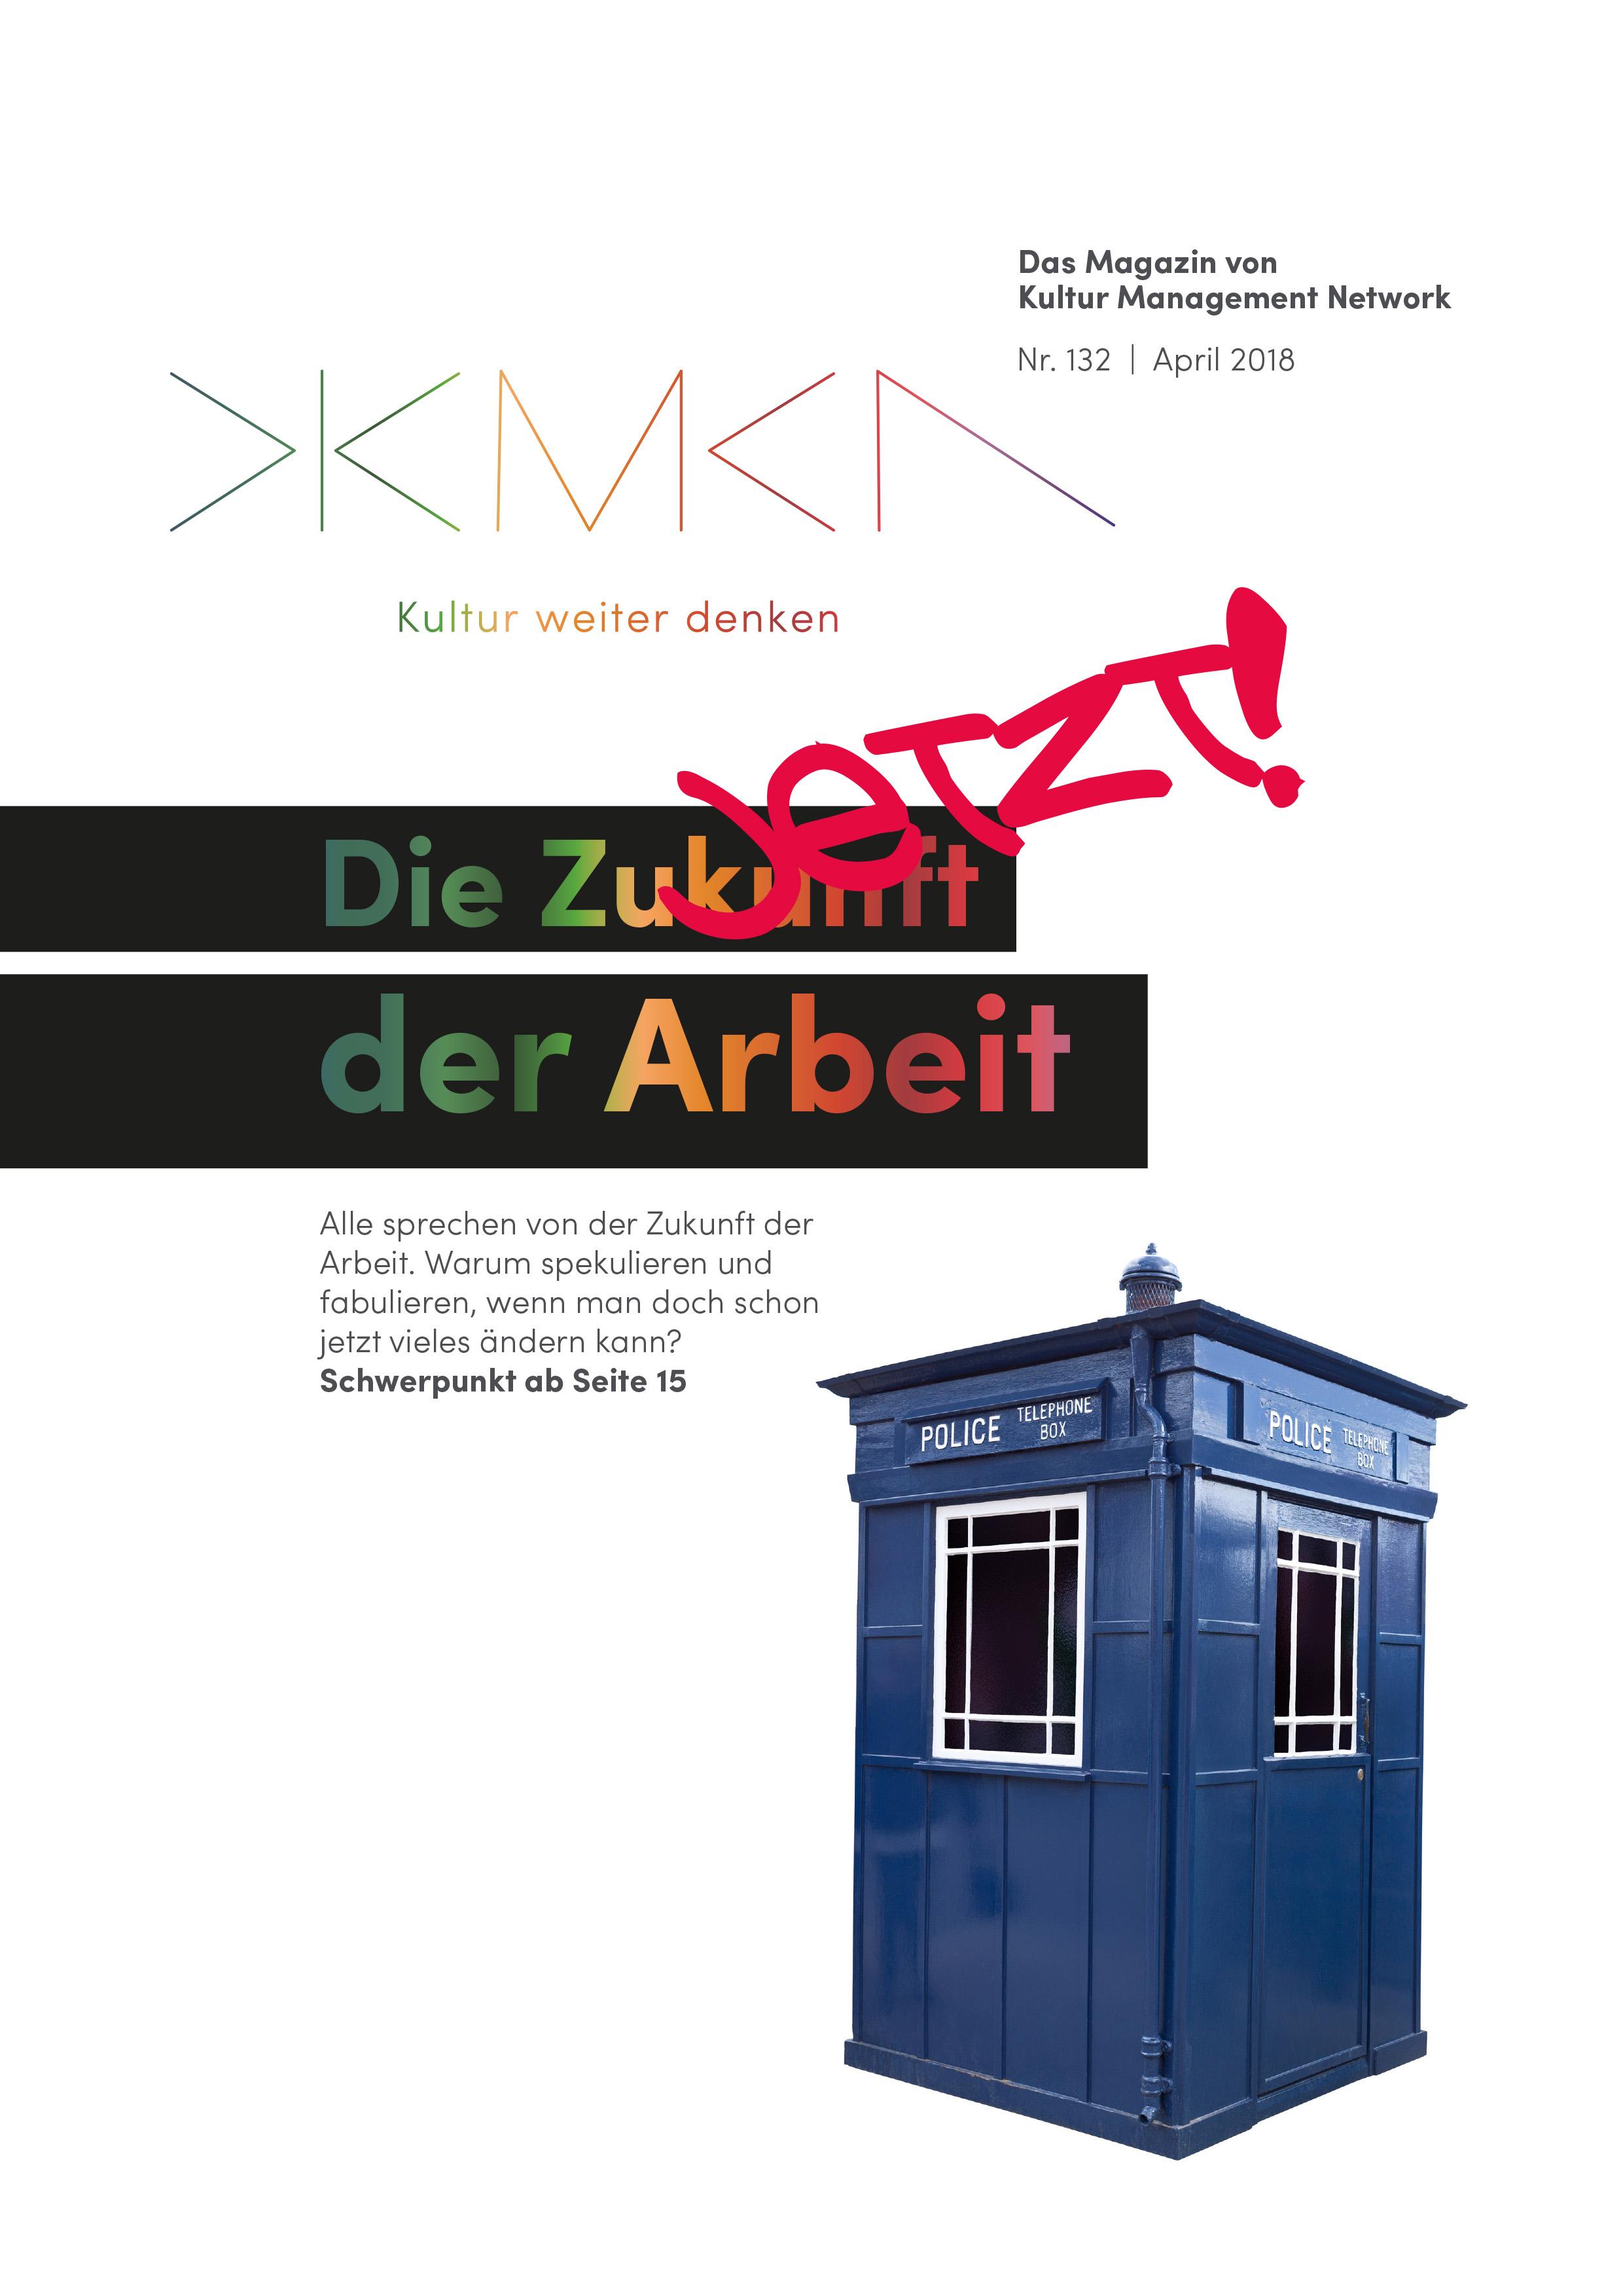 2018_Cornelia Dümcke_Ralf Ebert_Nachhaltigkeit und Kultur_Kulturmanagement-1.jpg